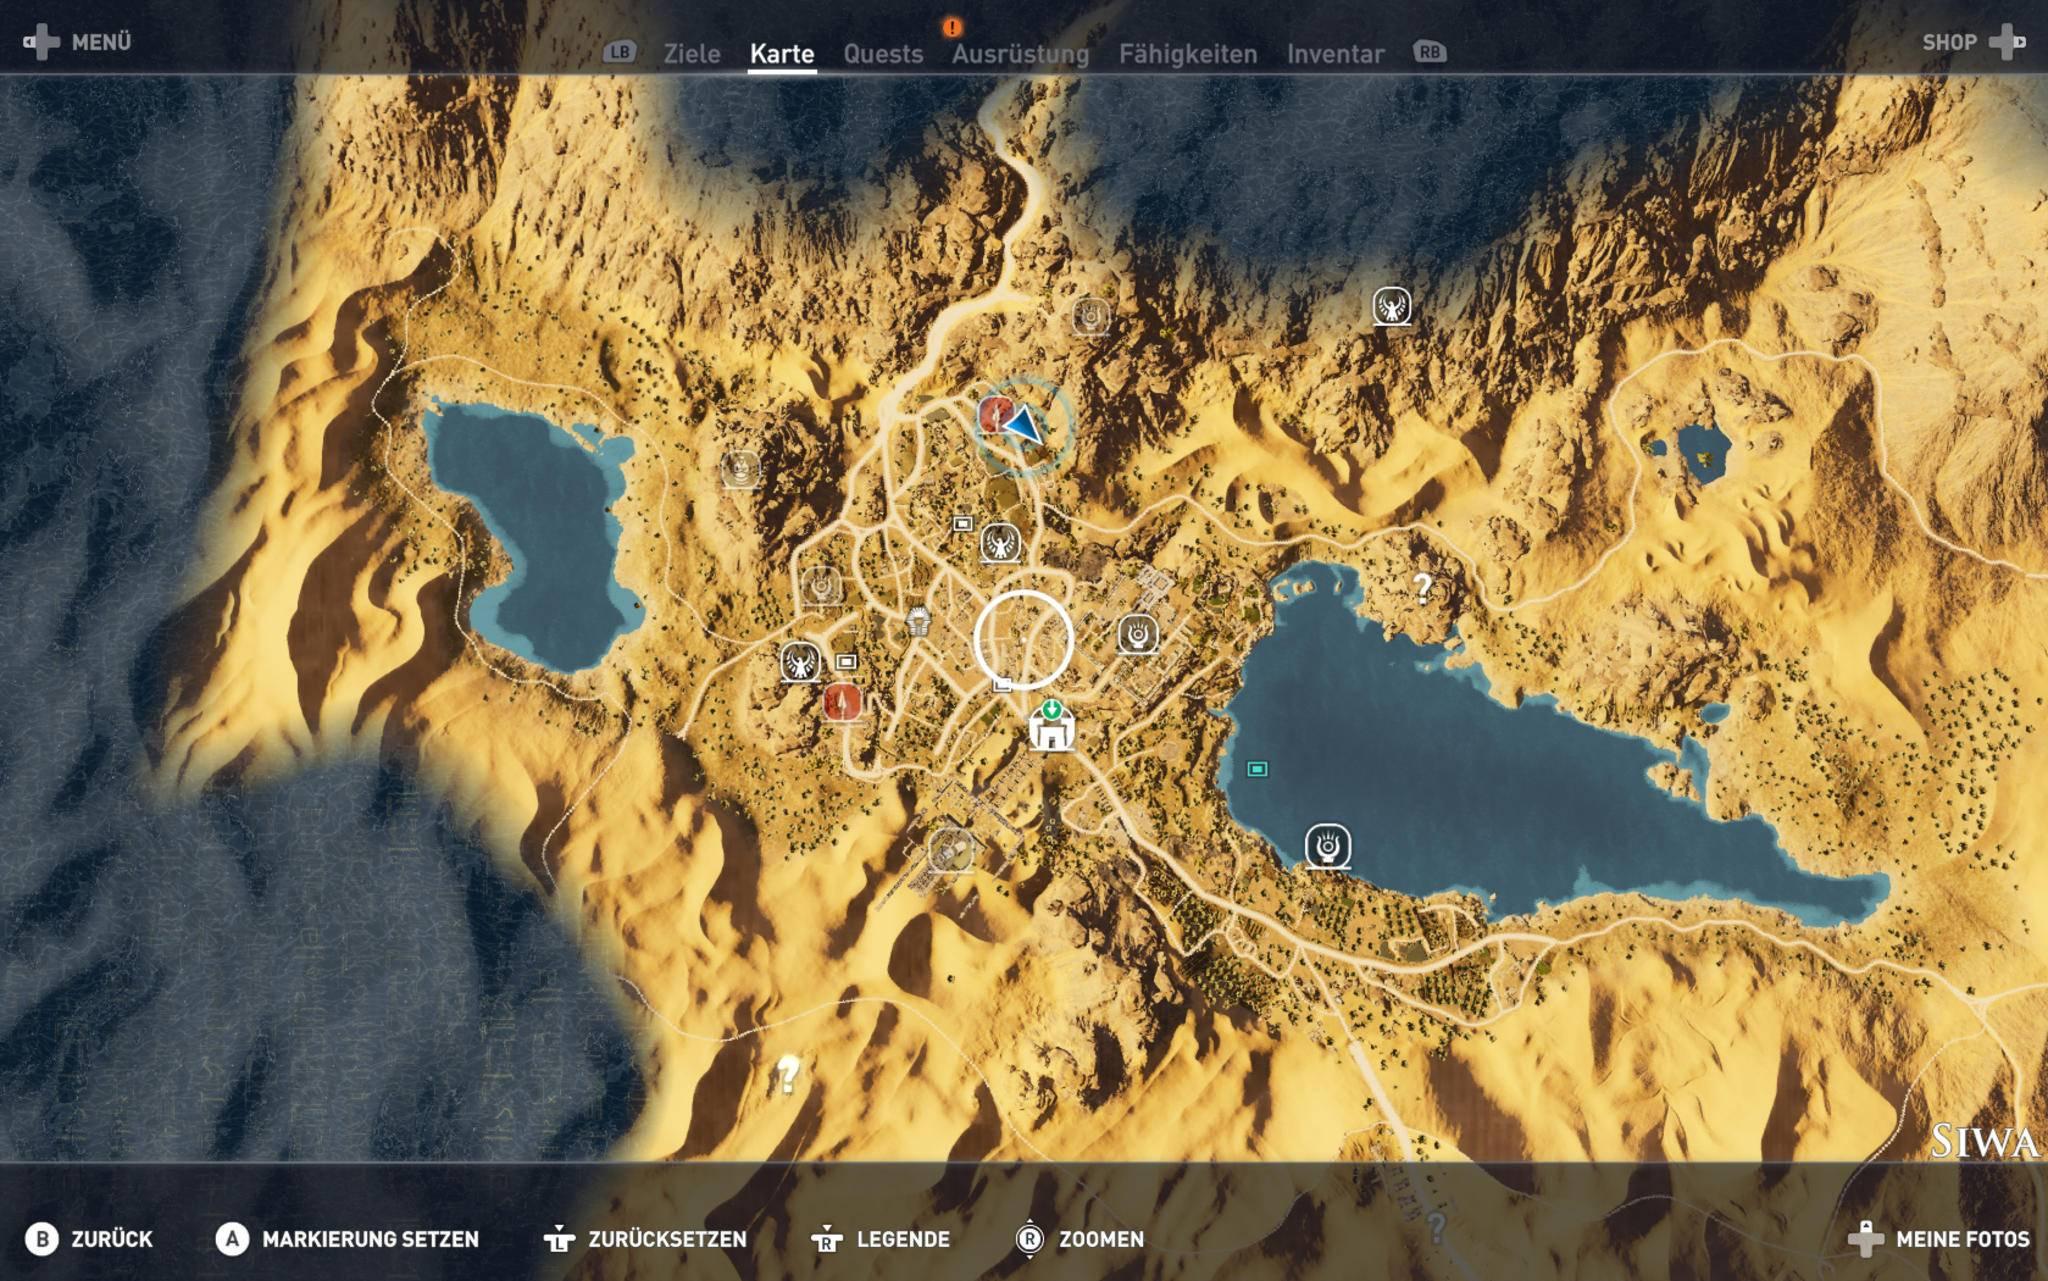 Die Schätze sind auf der Karte markiert.